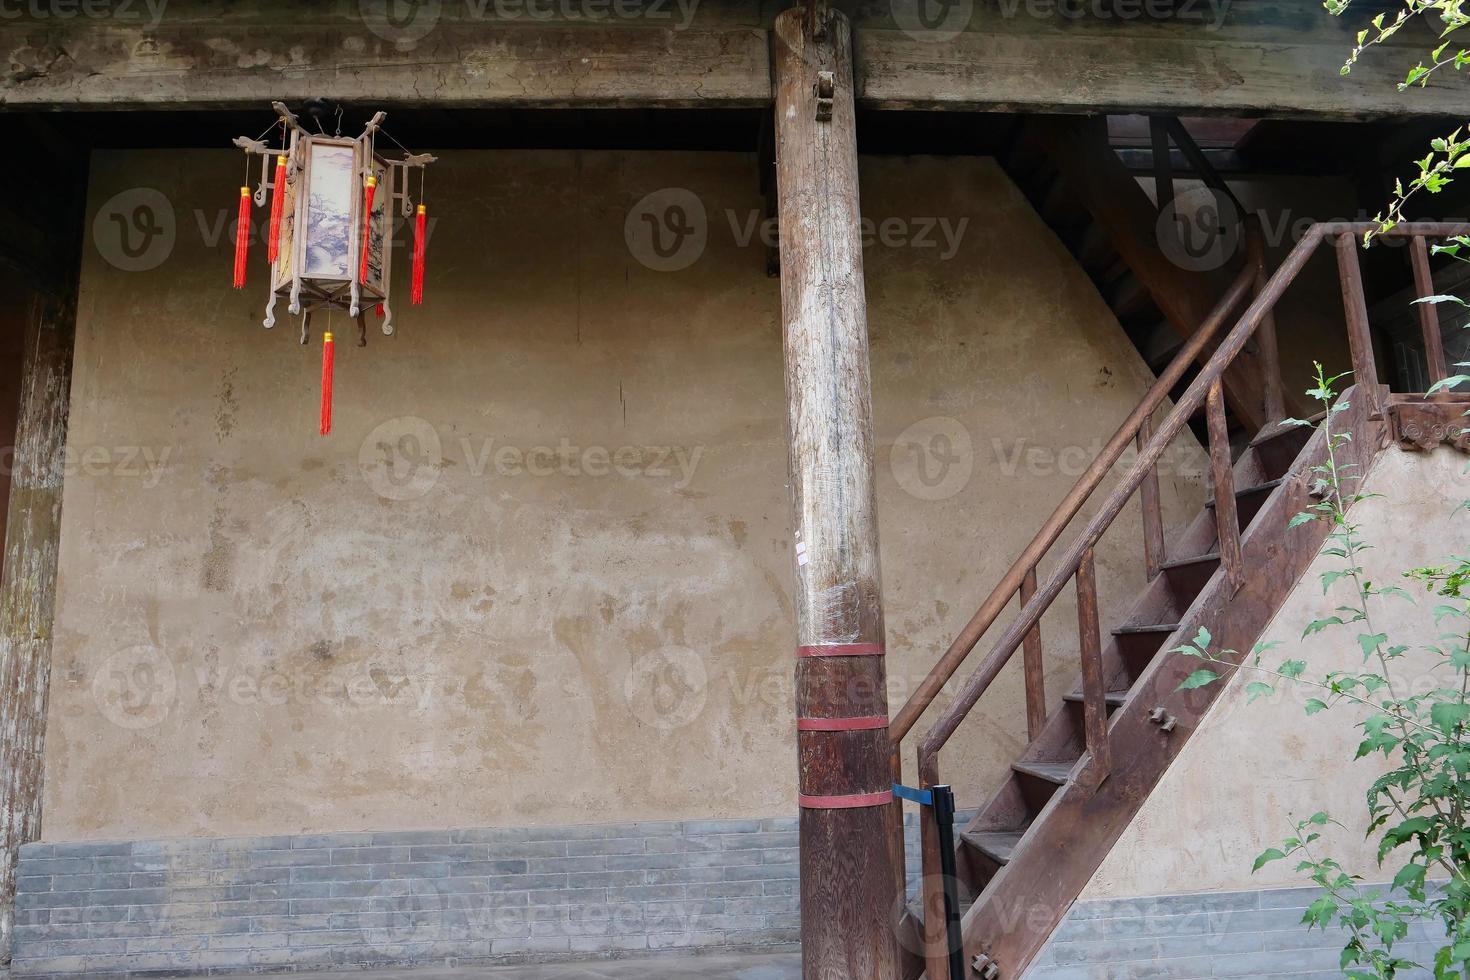 Residencias chinas tradicionales en el museo de artes folclóricas de Tianshui China foto